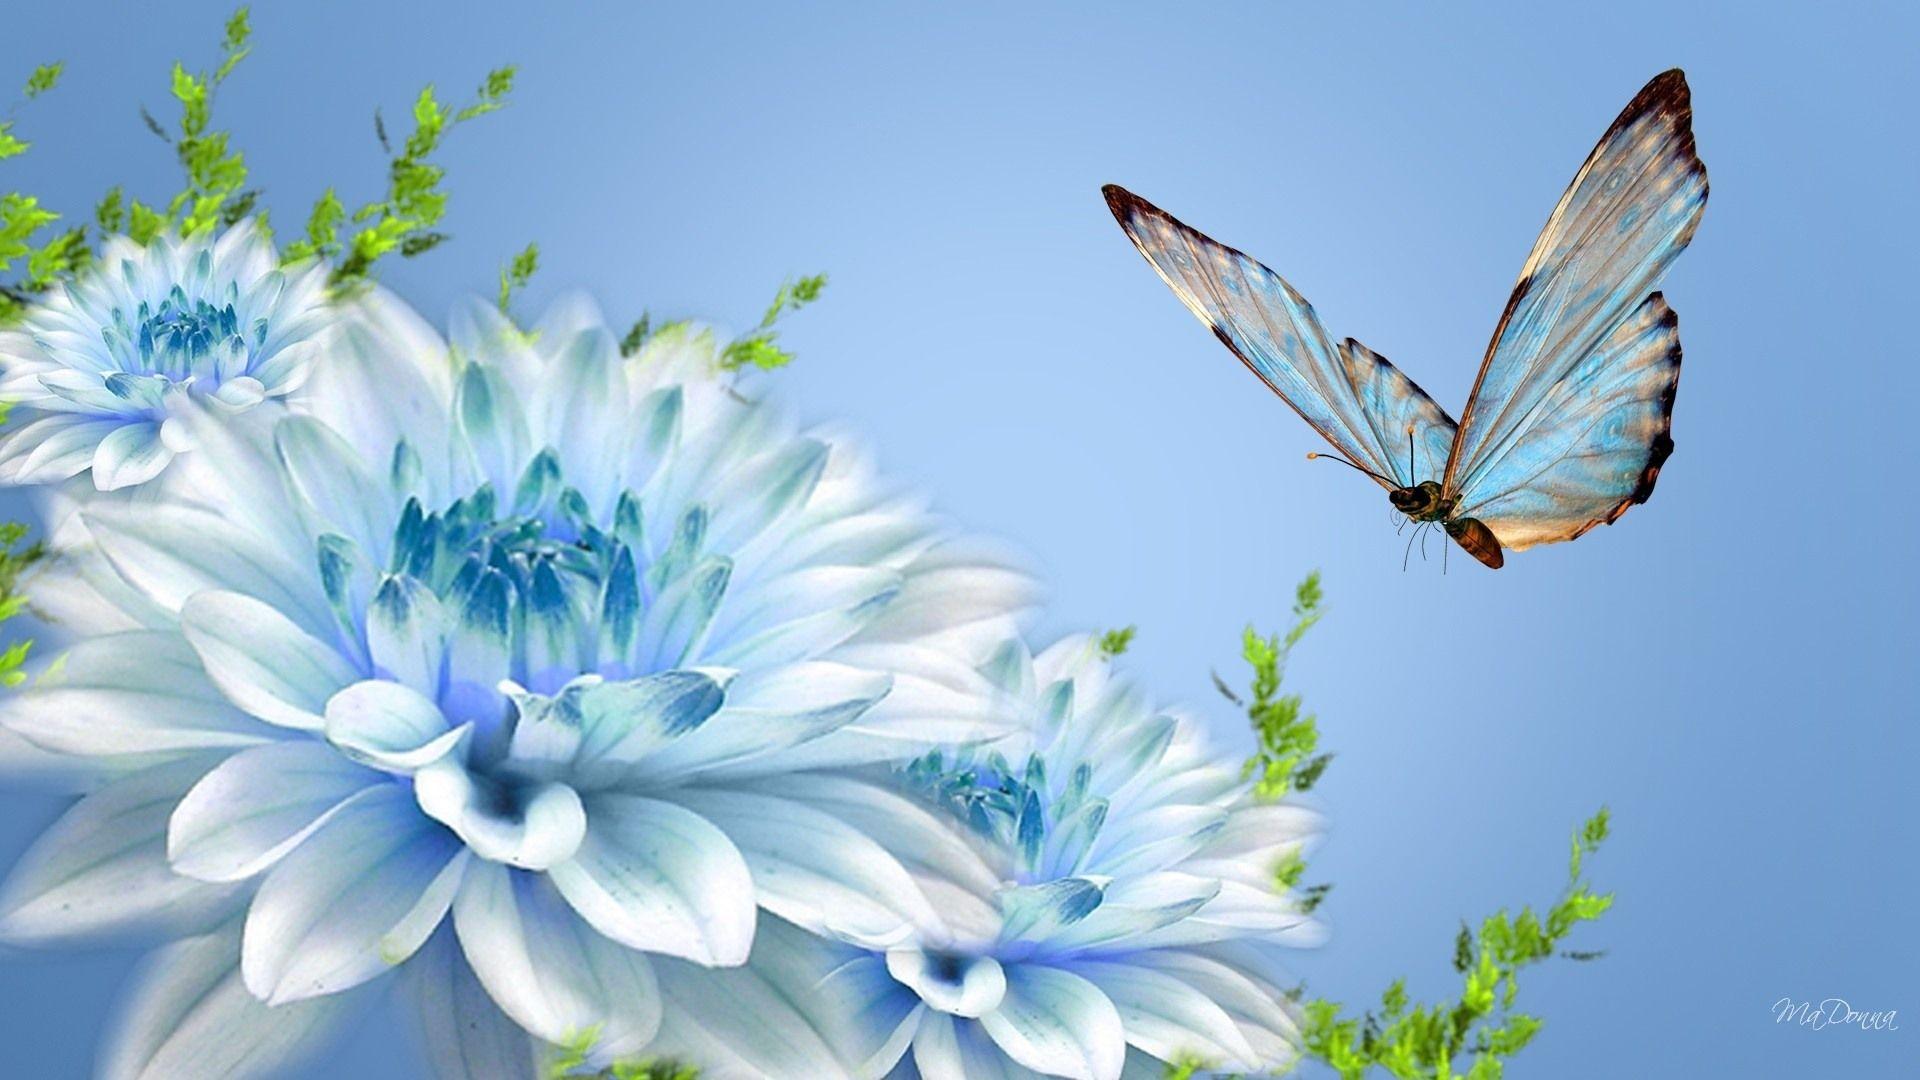 Wallpapers Download Butterflies Wallpaper Wallpaper in Pixels 1920x1080